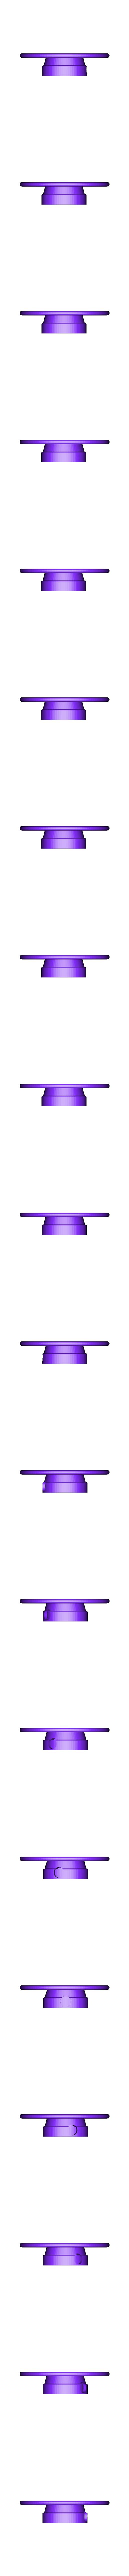 Bottom_1_copper.stl Télécharger fichier STL gratuit Lampe au kérosène version Halloween • Modèle à imprimer en 3D, poblocki1982